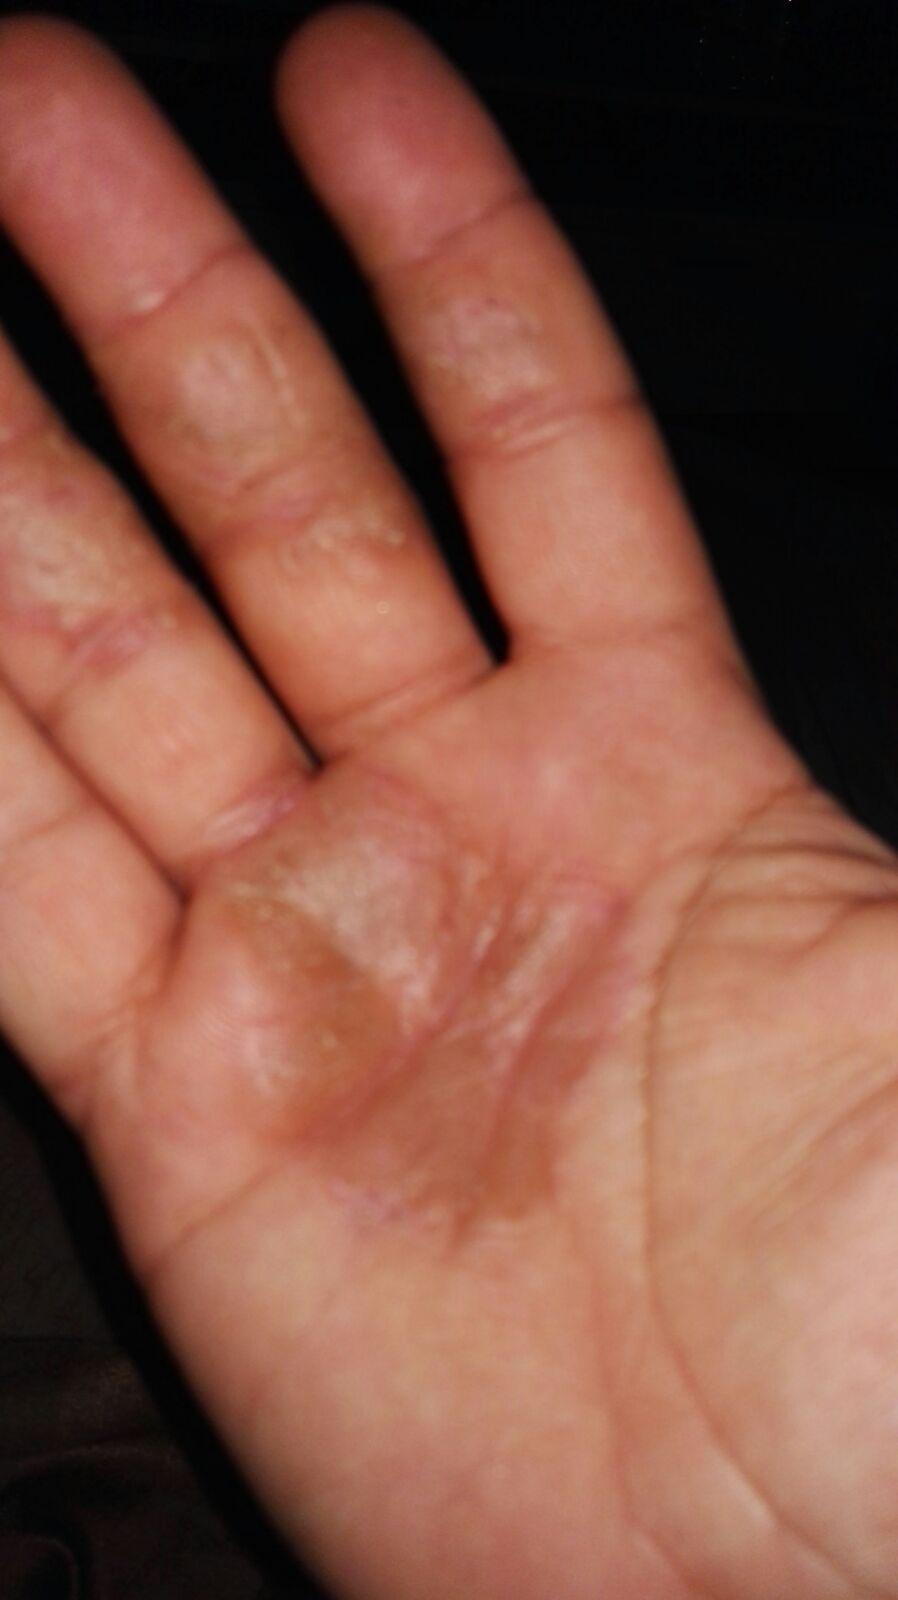 Die Medikamente vom trockenen Ekzem auf den Händen